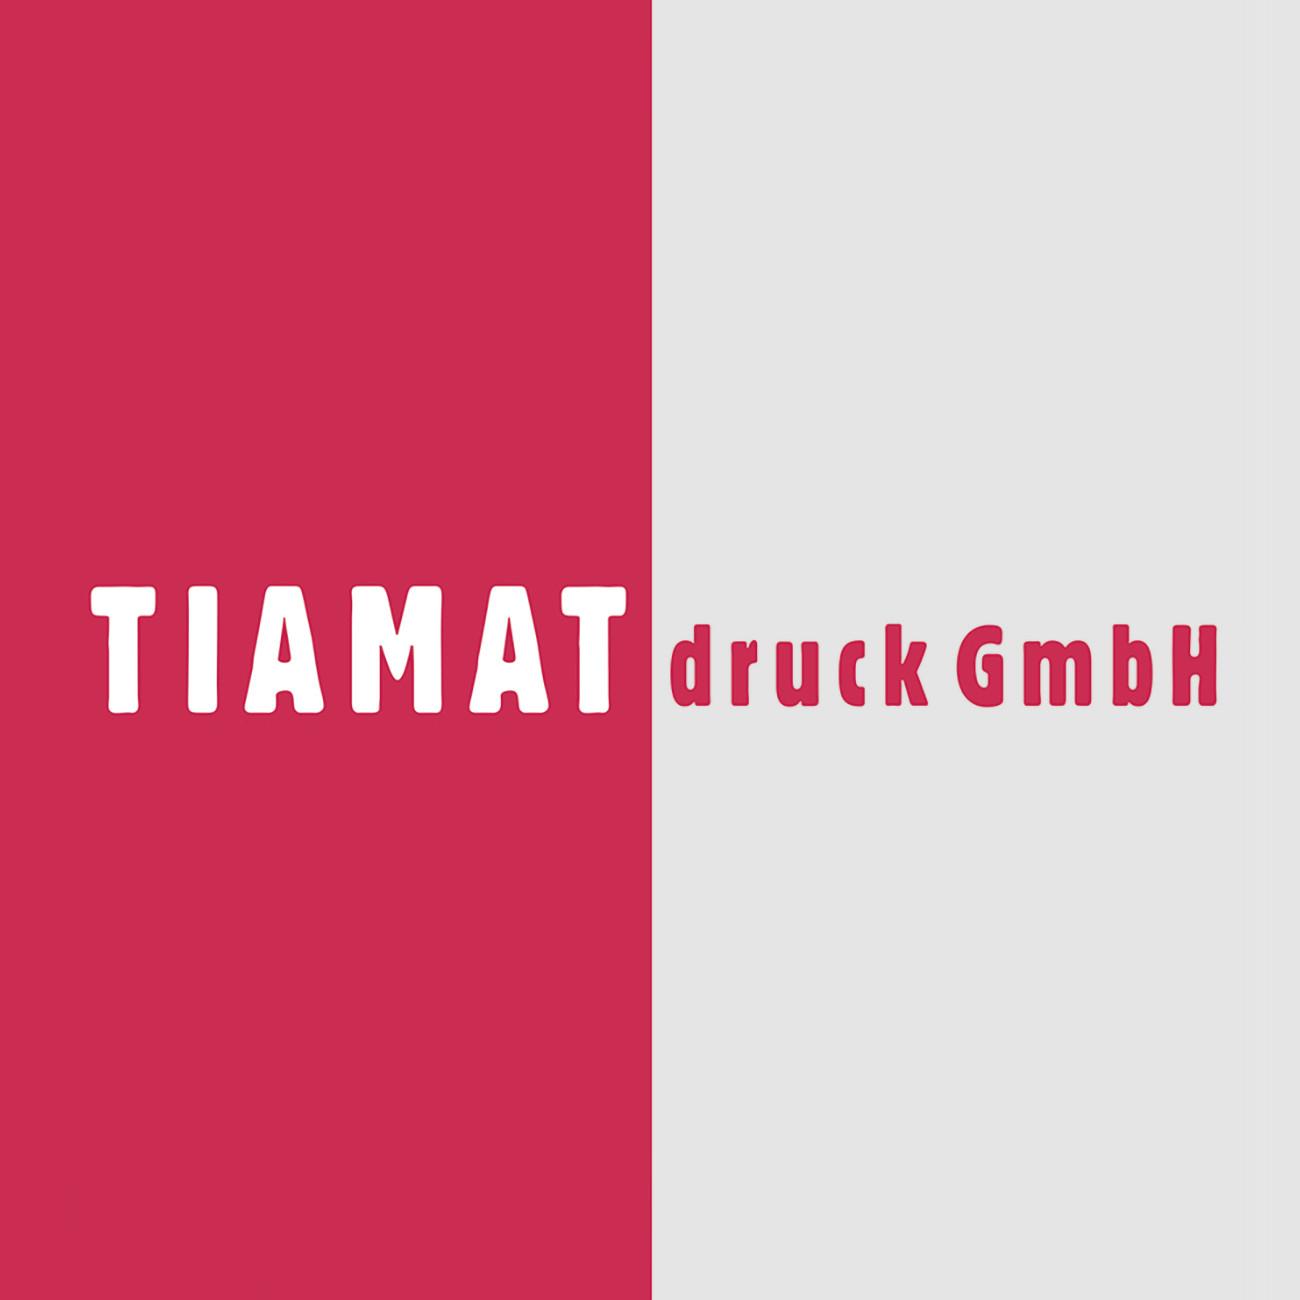 Logo von Tiamat Druck GmbH